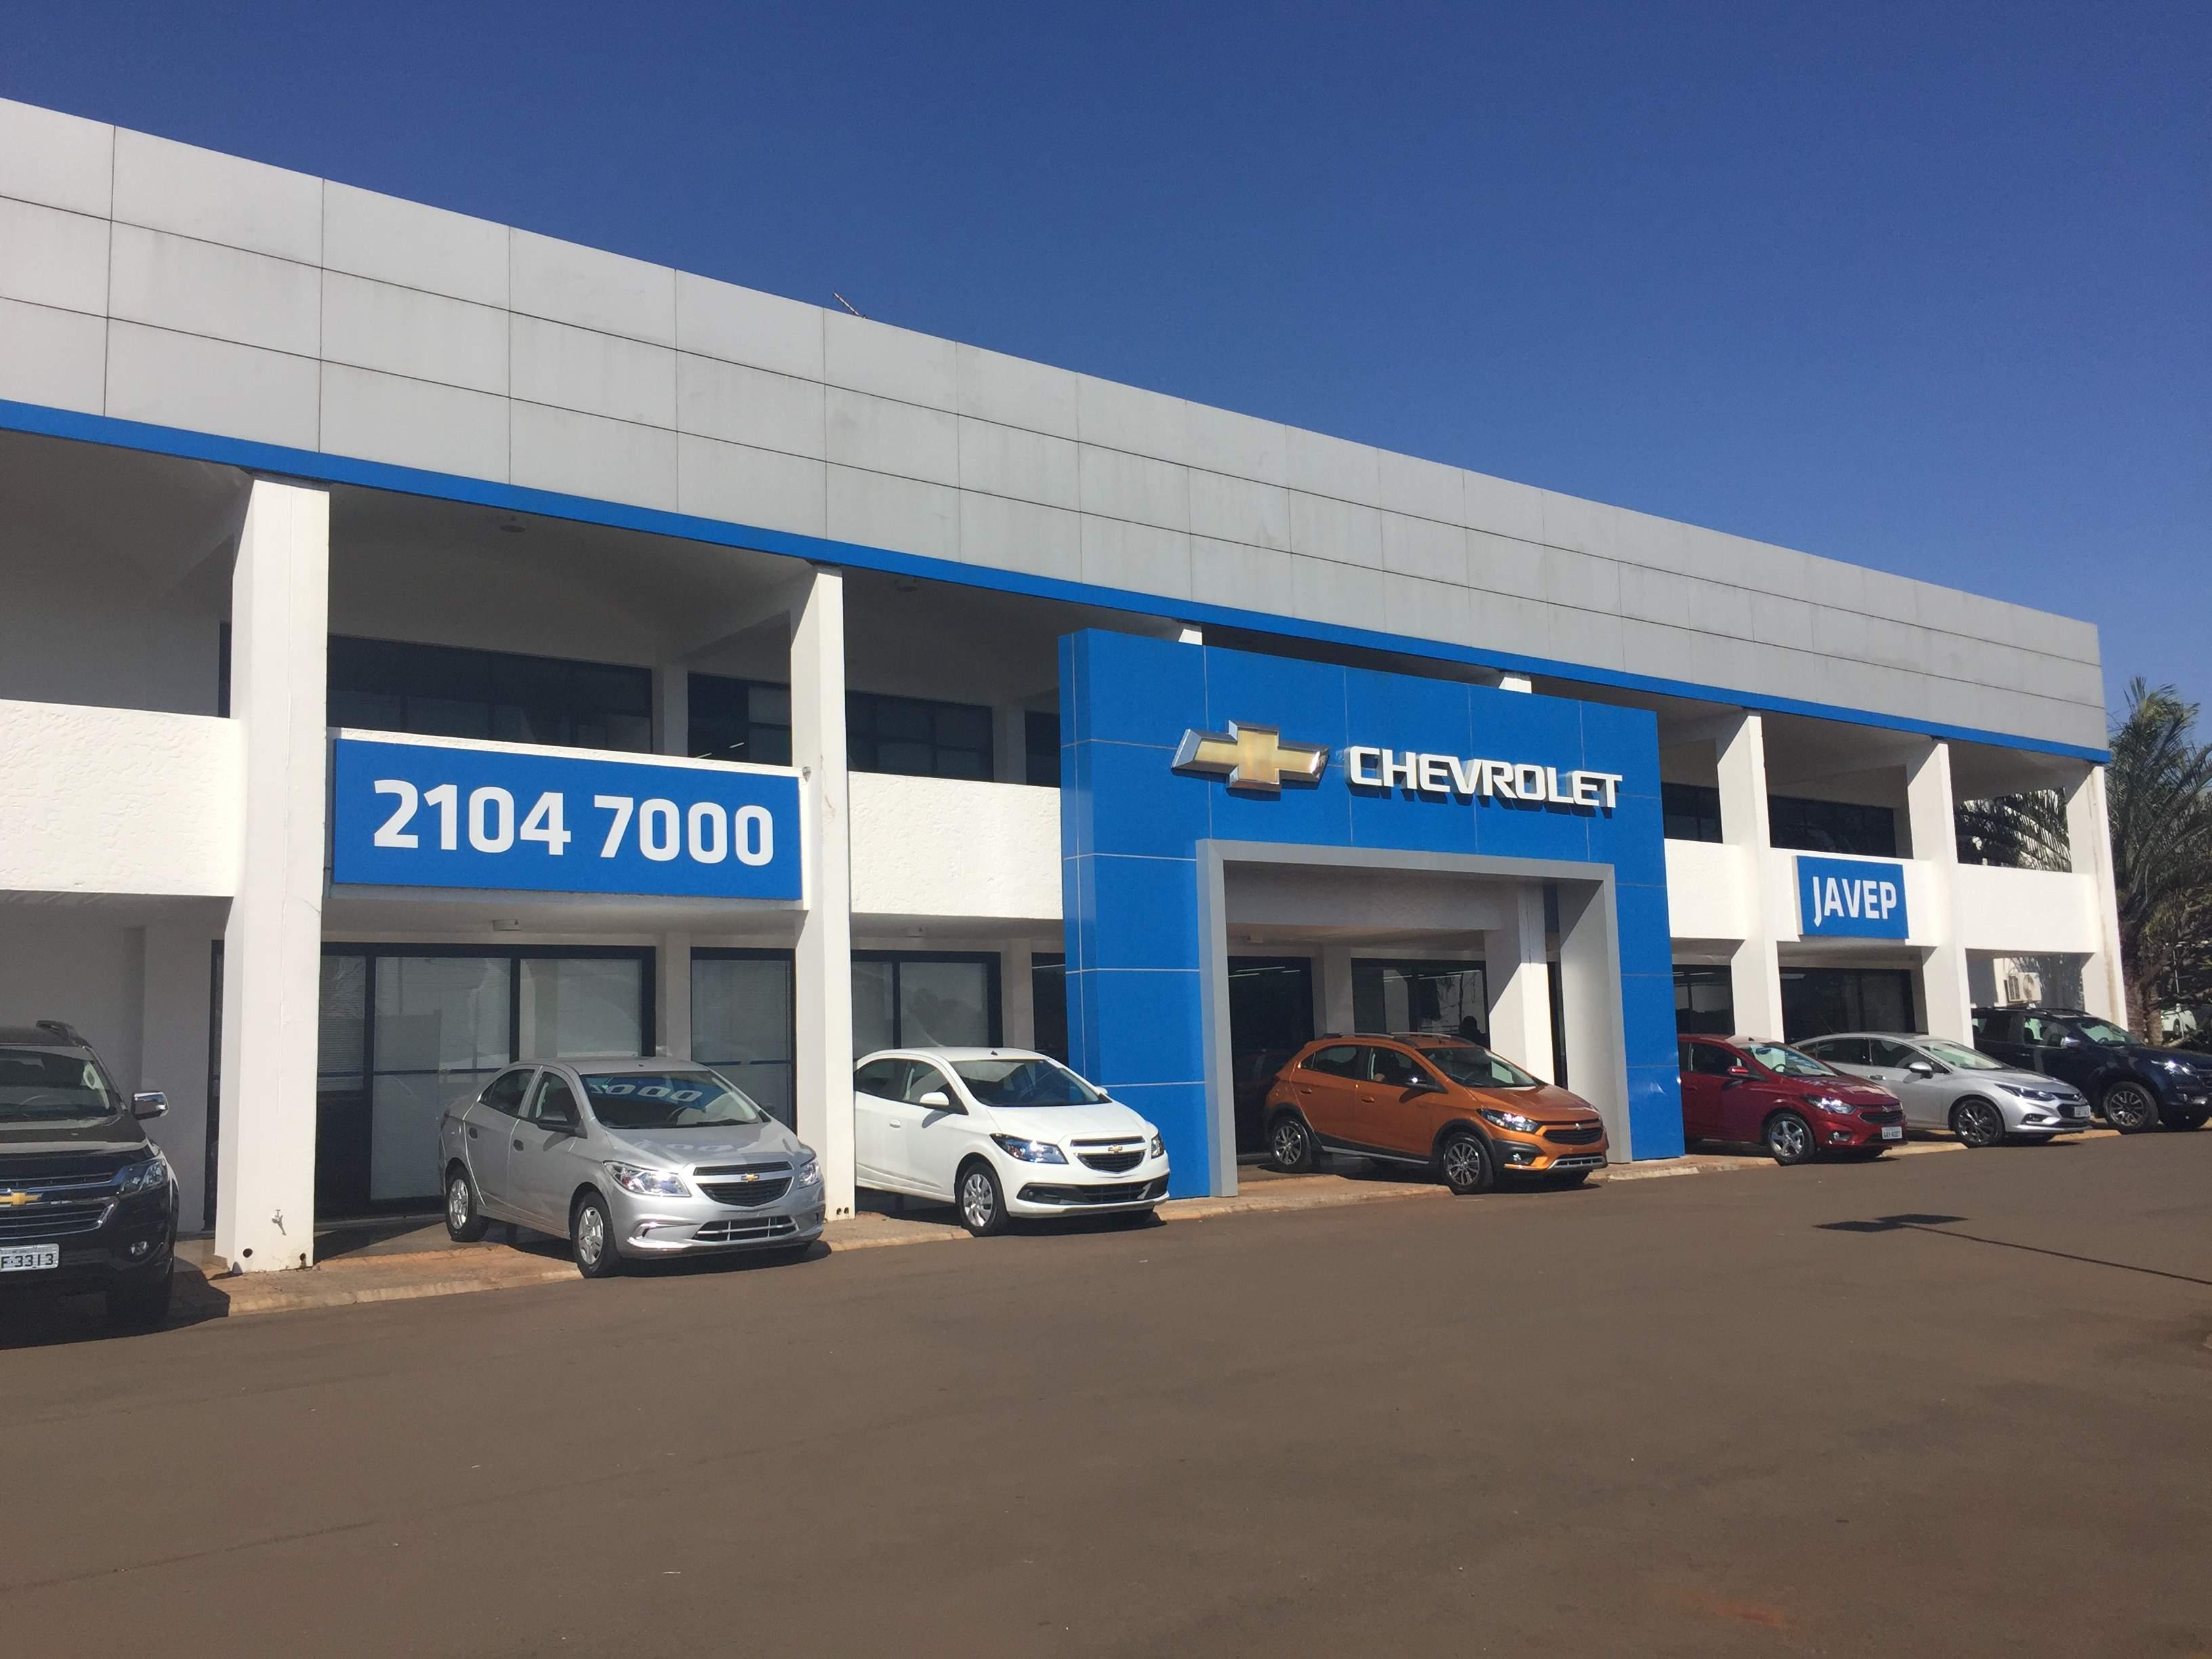 Fachada concessionária Chevrolet Javep